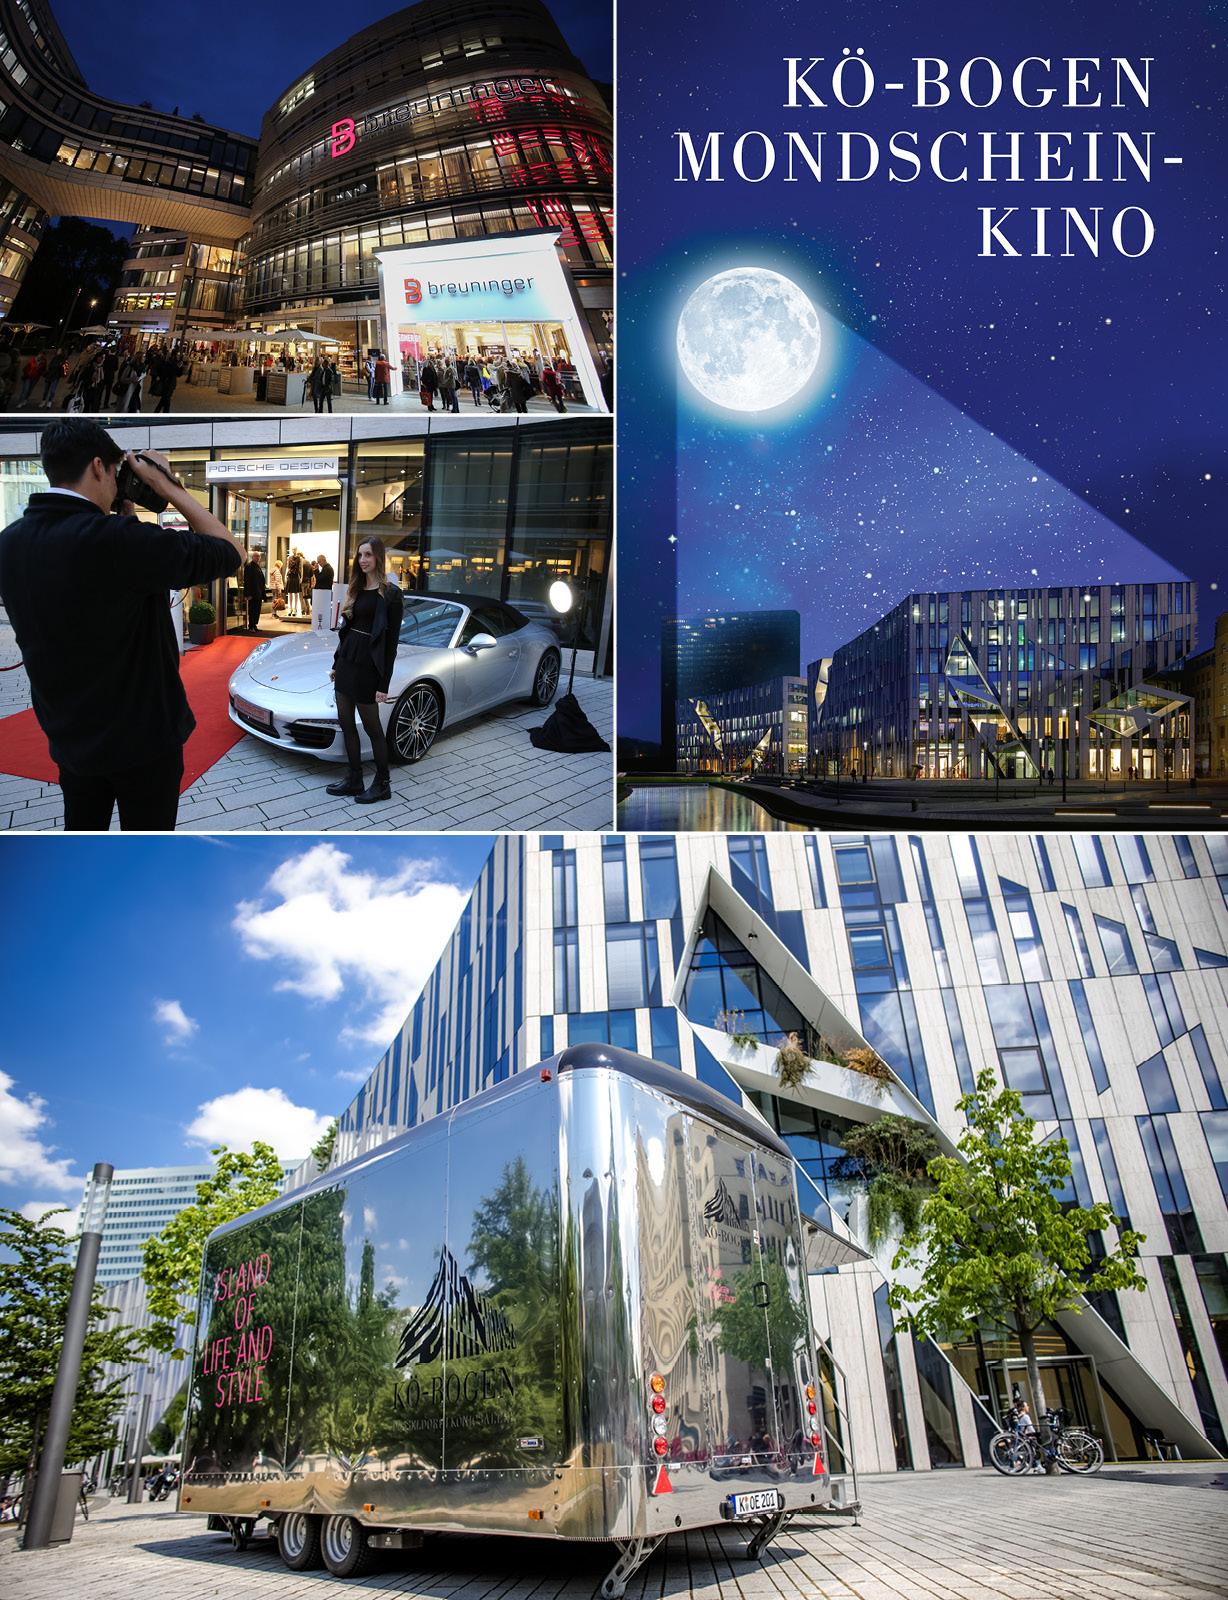 Verschiedene Events zur Vermarktung der Gewerbeimmobilie Koe-Bogen